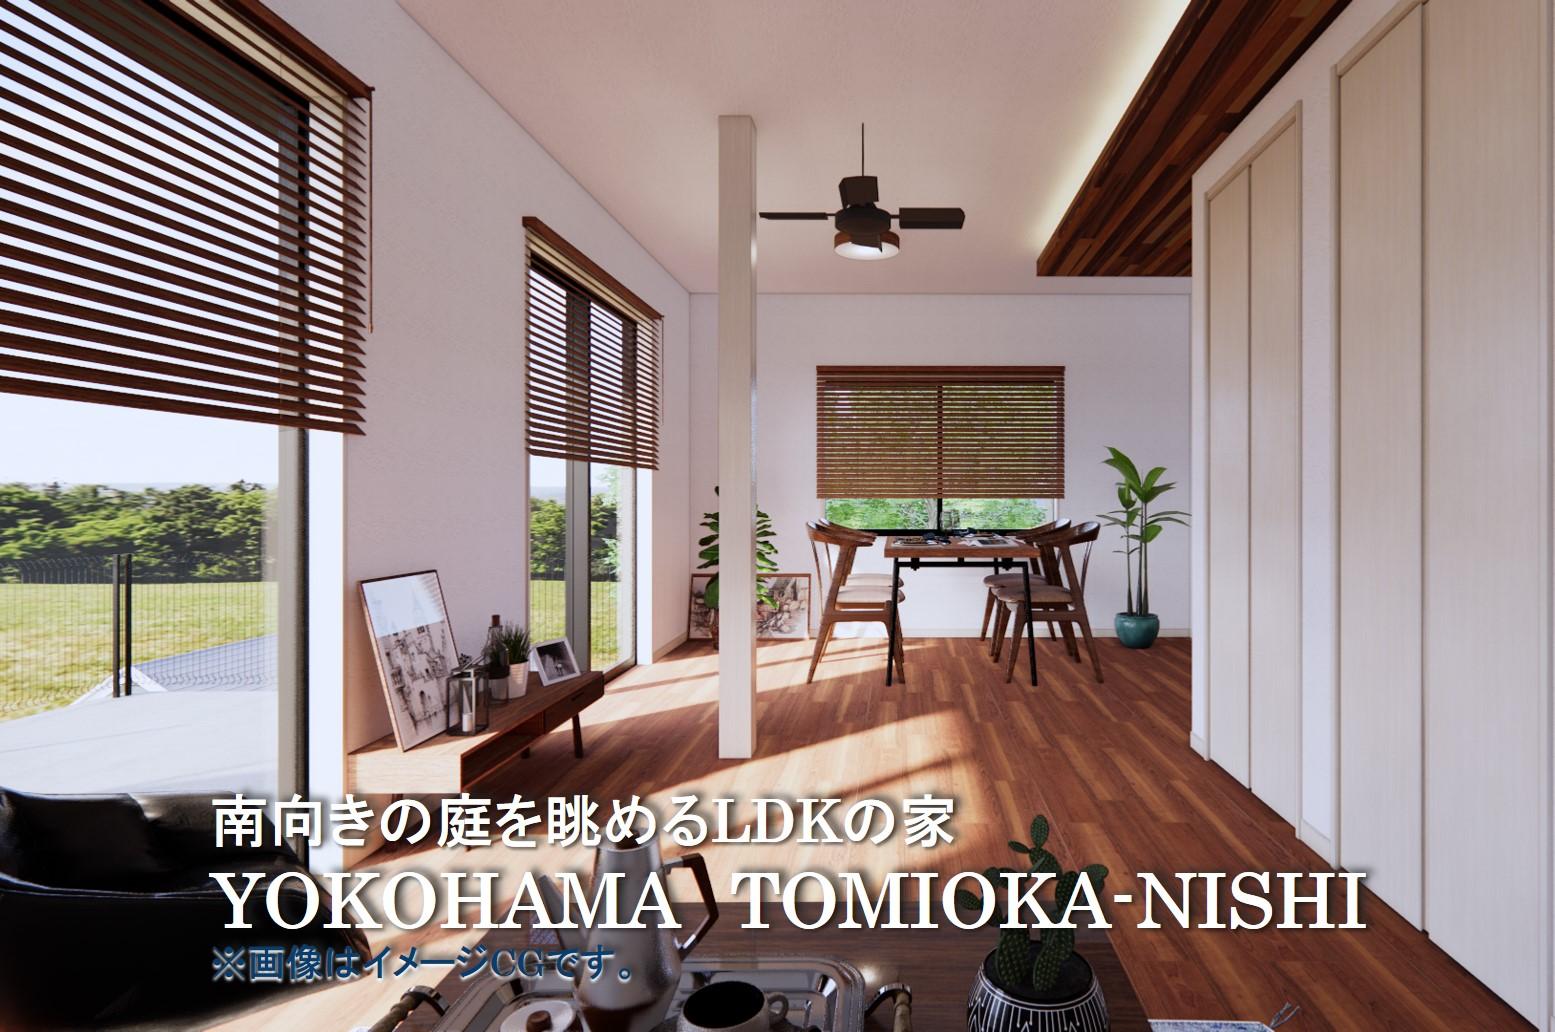 南向きの庭を眺めるLDKの家 YOKOHAMA TOMIOKA-NISHI